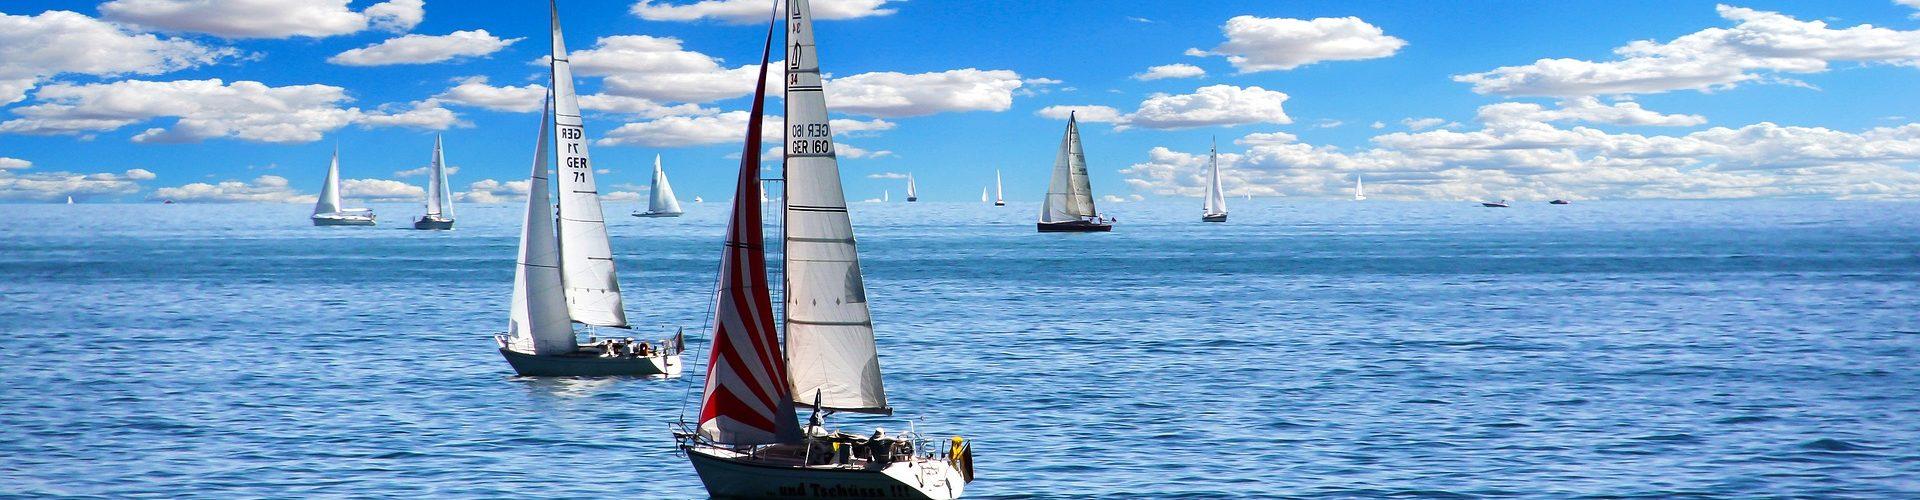 segeln lernen in Neuss segelschein machen in Neuss 1920x500 - Segeln lernen in Neuss